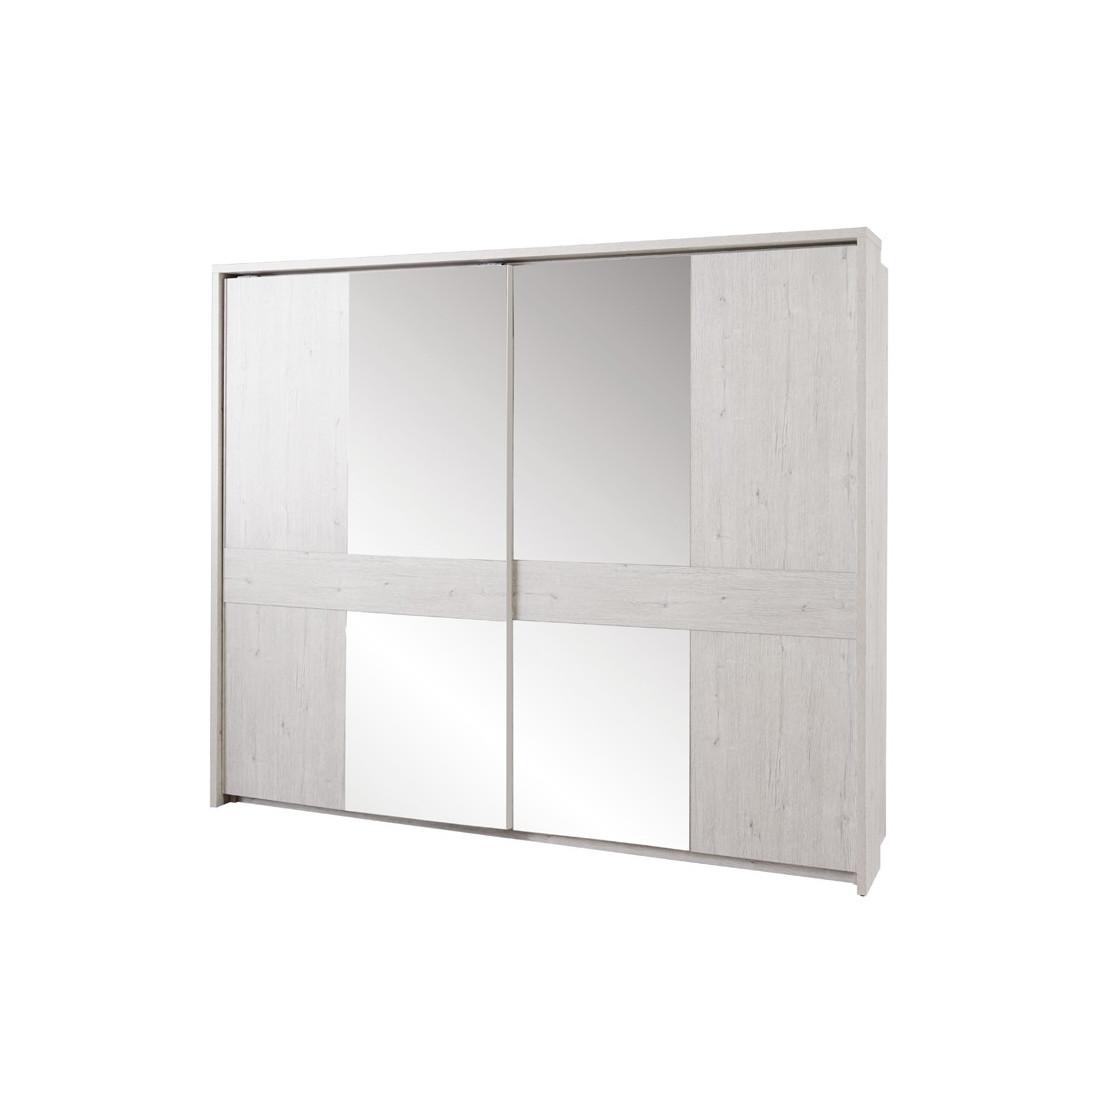 Armoire 2 portes coulissantes 220 cm dulce univers de la chambre - Armoire portes coulissantes but ...